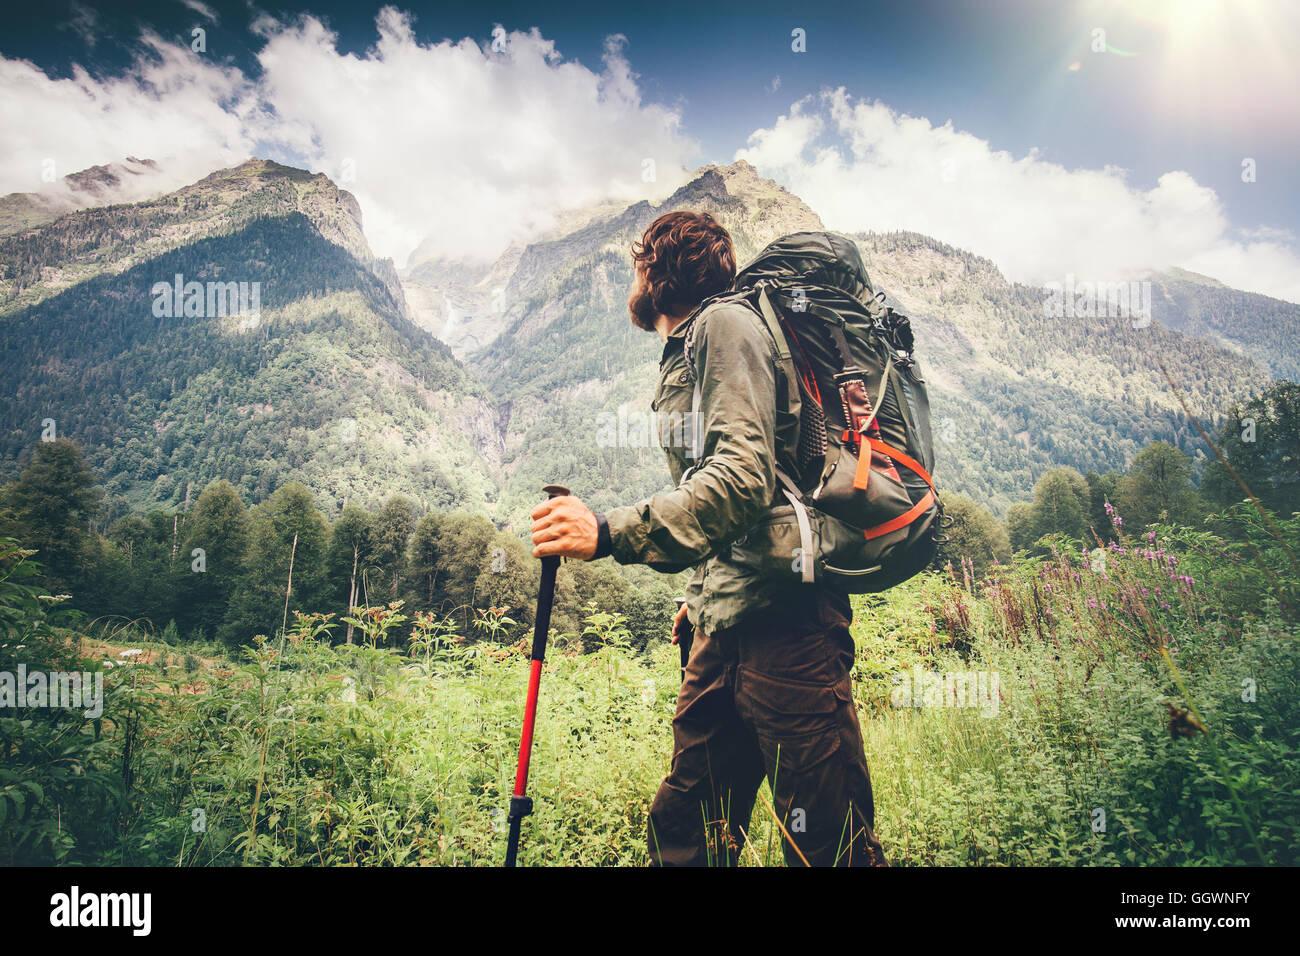 Mann-Explorer Berge Landschaft im Hintergrund Abenteuer Urlaub mit Rucksack wandern Reisen Lifestyle-Konzept zu Stockfoto